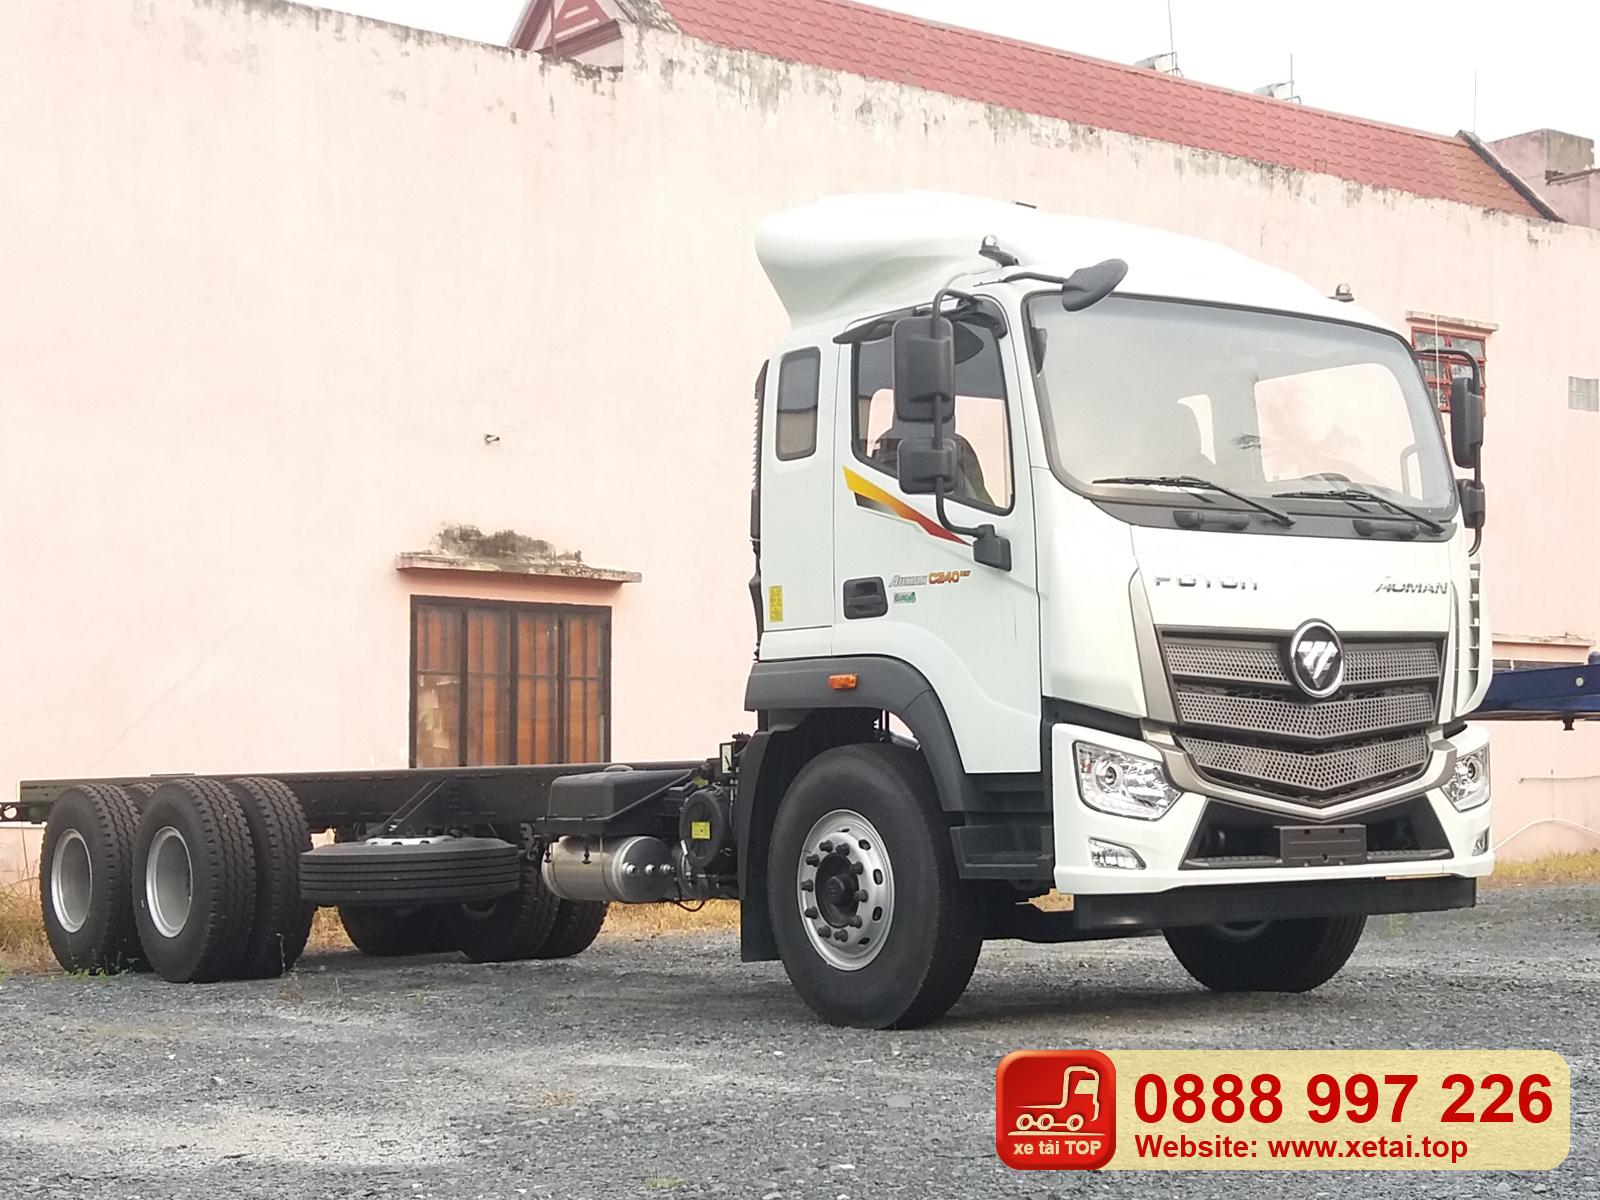 xe-tải-thaco-auman-c240-3-chân-tải-14-tấn-thùng-dài